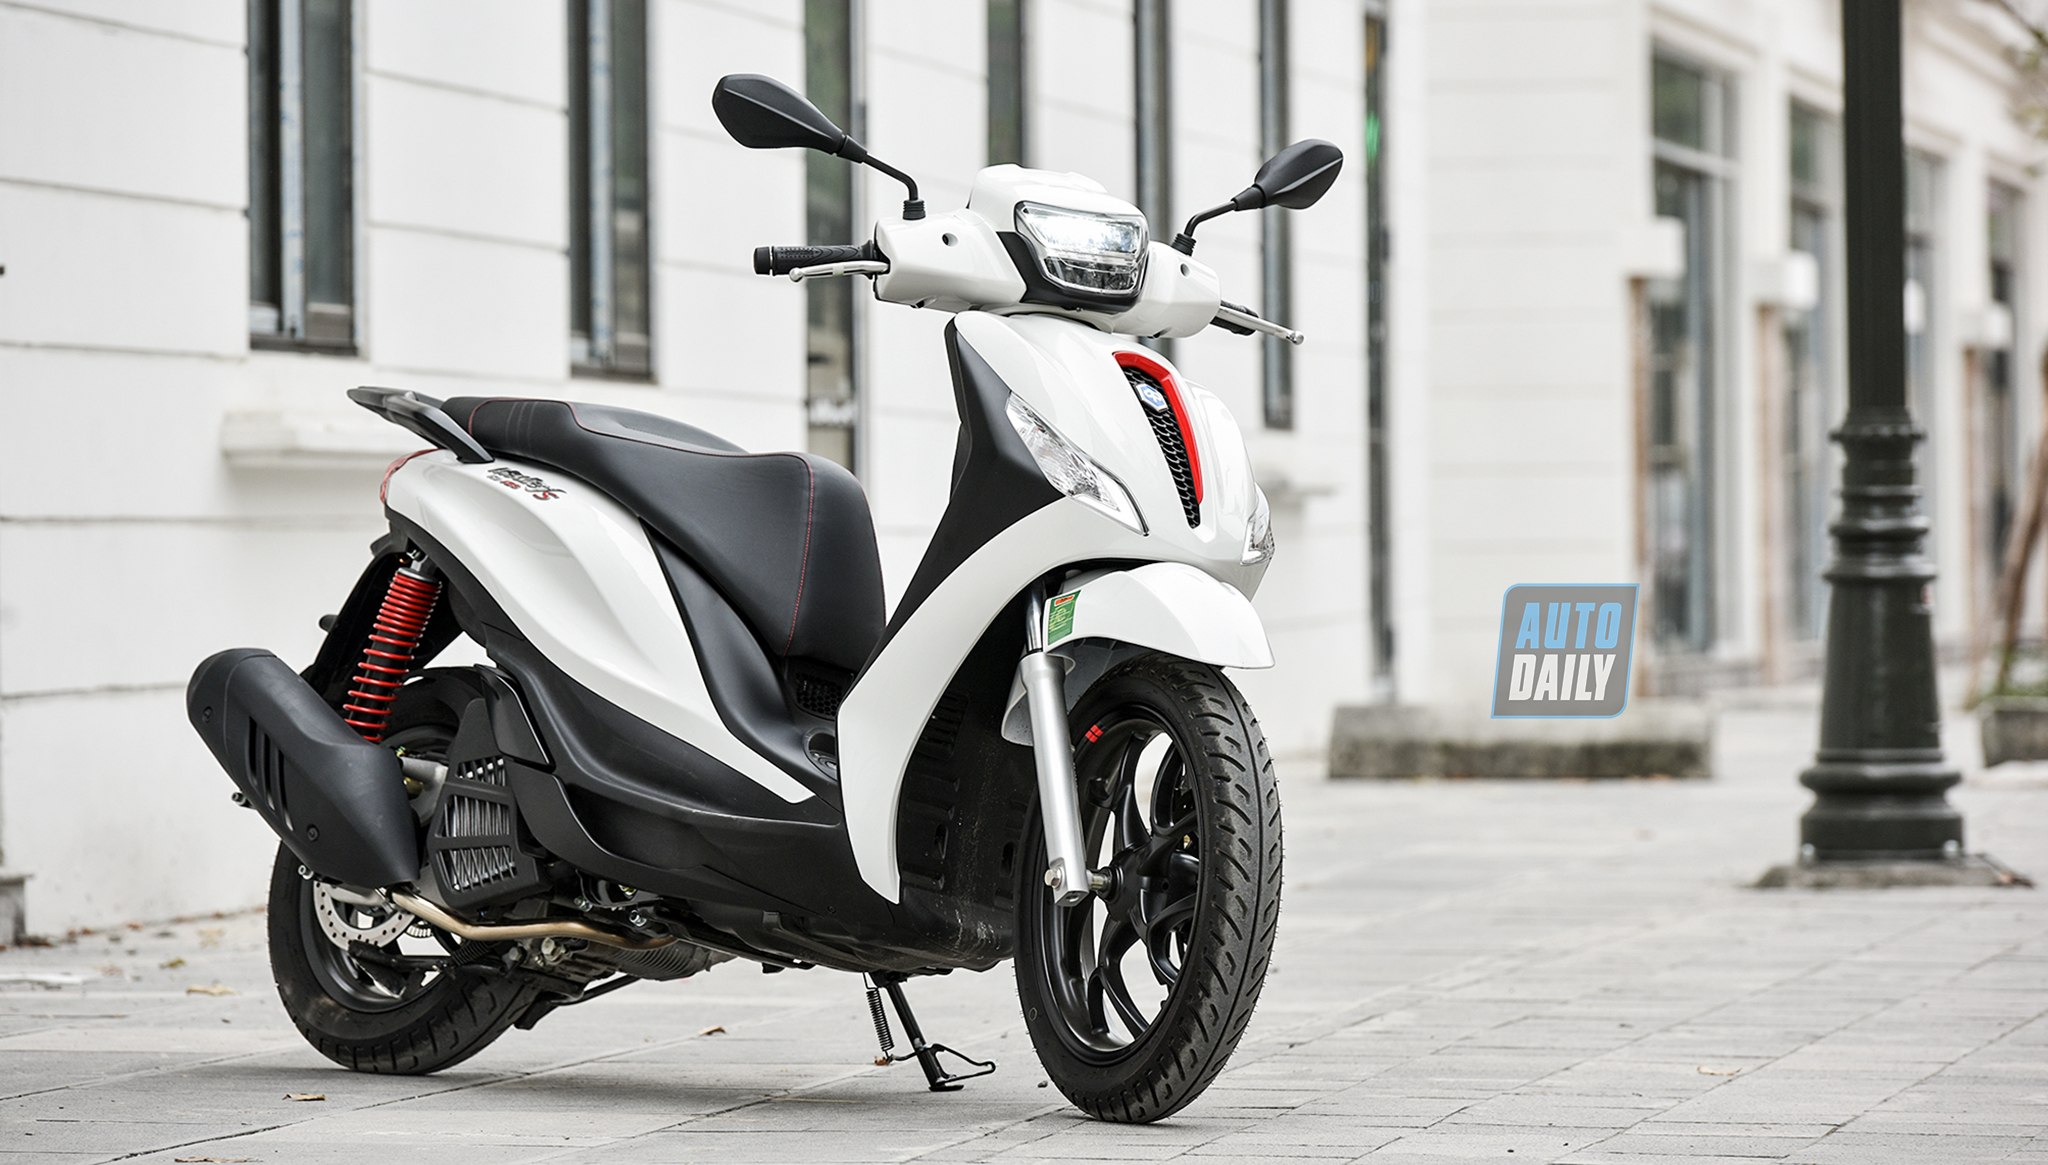 Đánh giá Piaggio Medley 150 ABS 2020: Khi xe ý thay đổi và thực dụng hơn